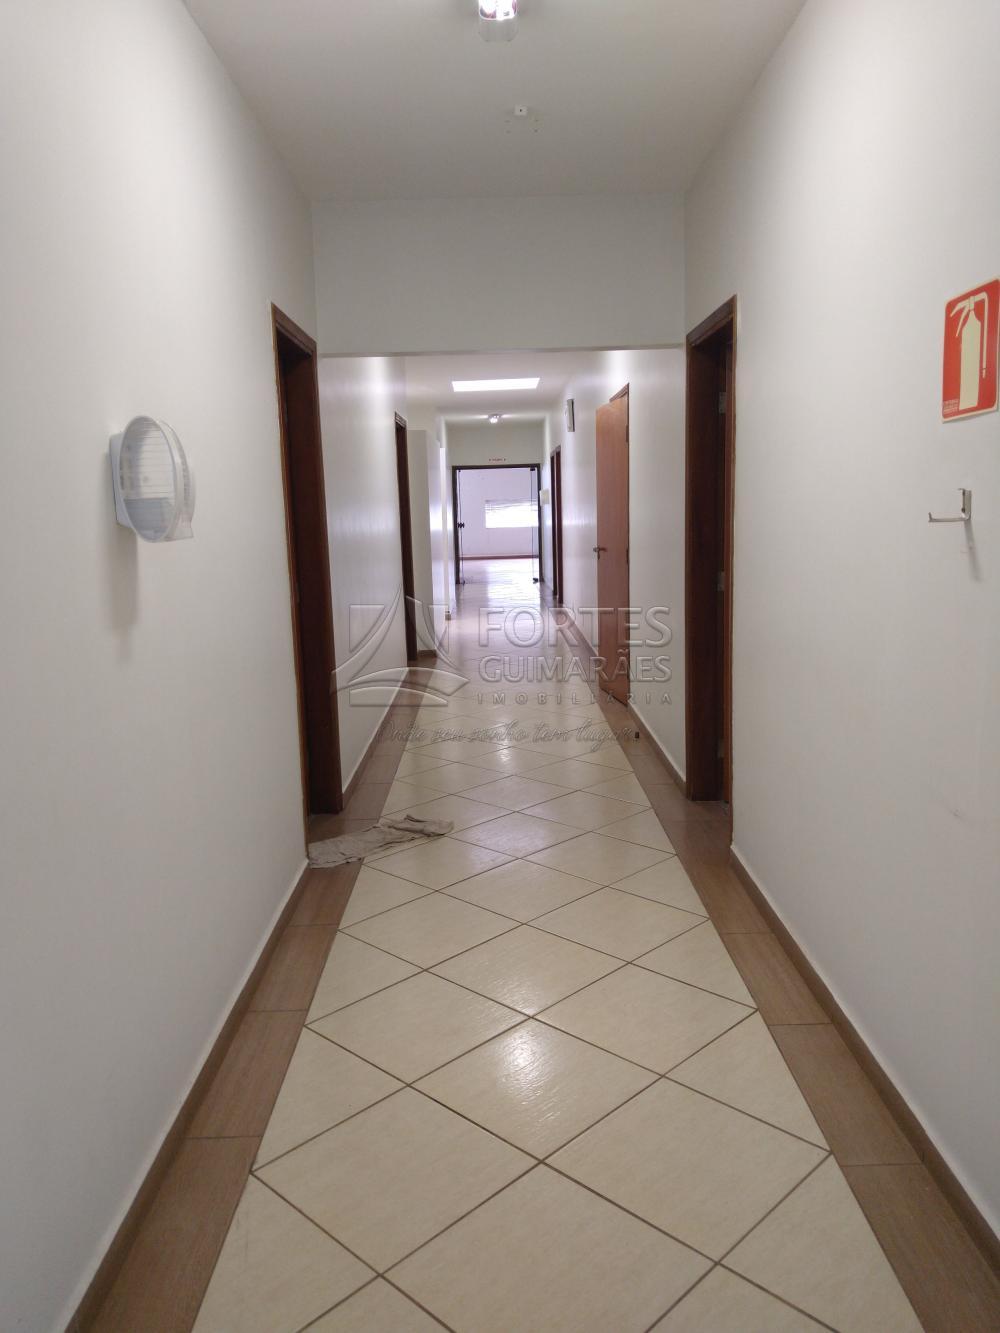 Alugar Comercial / Imóvel Comercial em Ribeirão Preto apenas R$ 12.000,00 - Foto 19